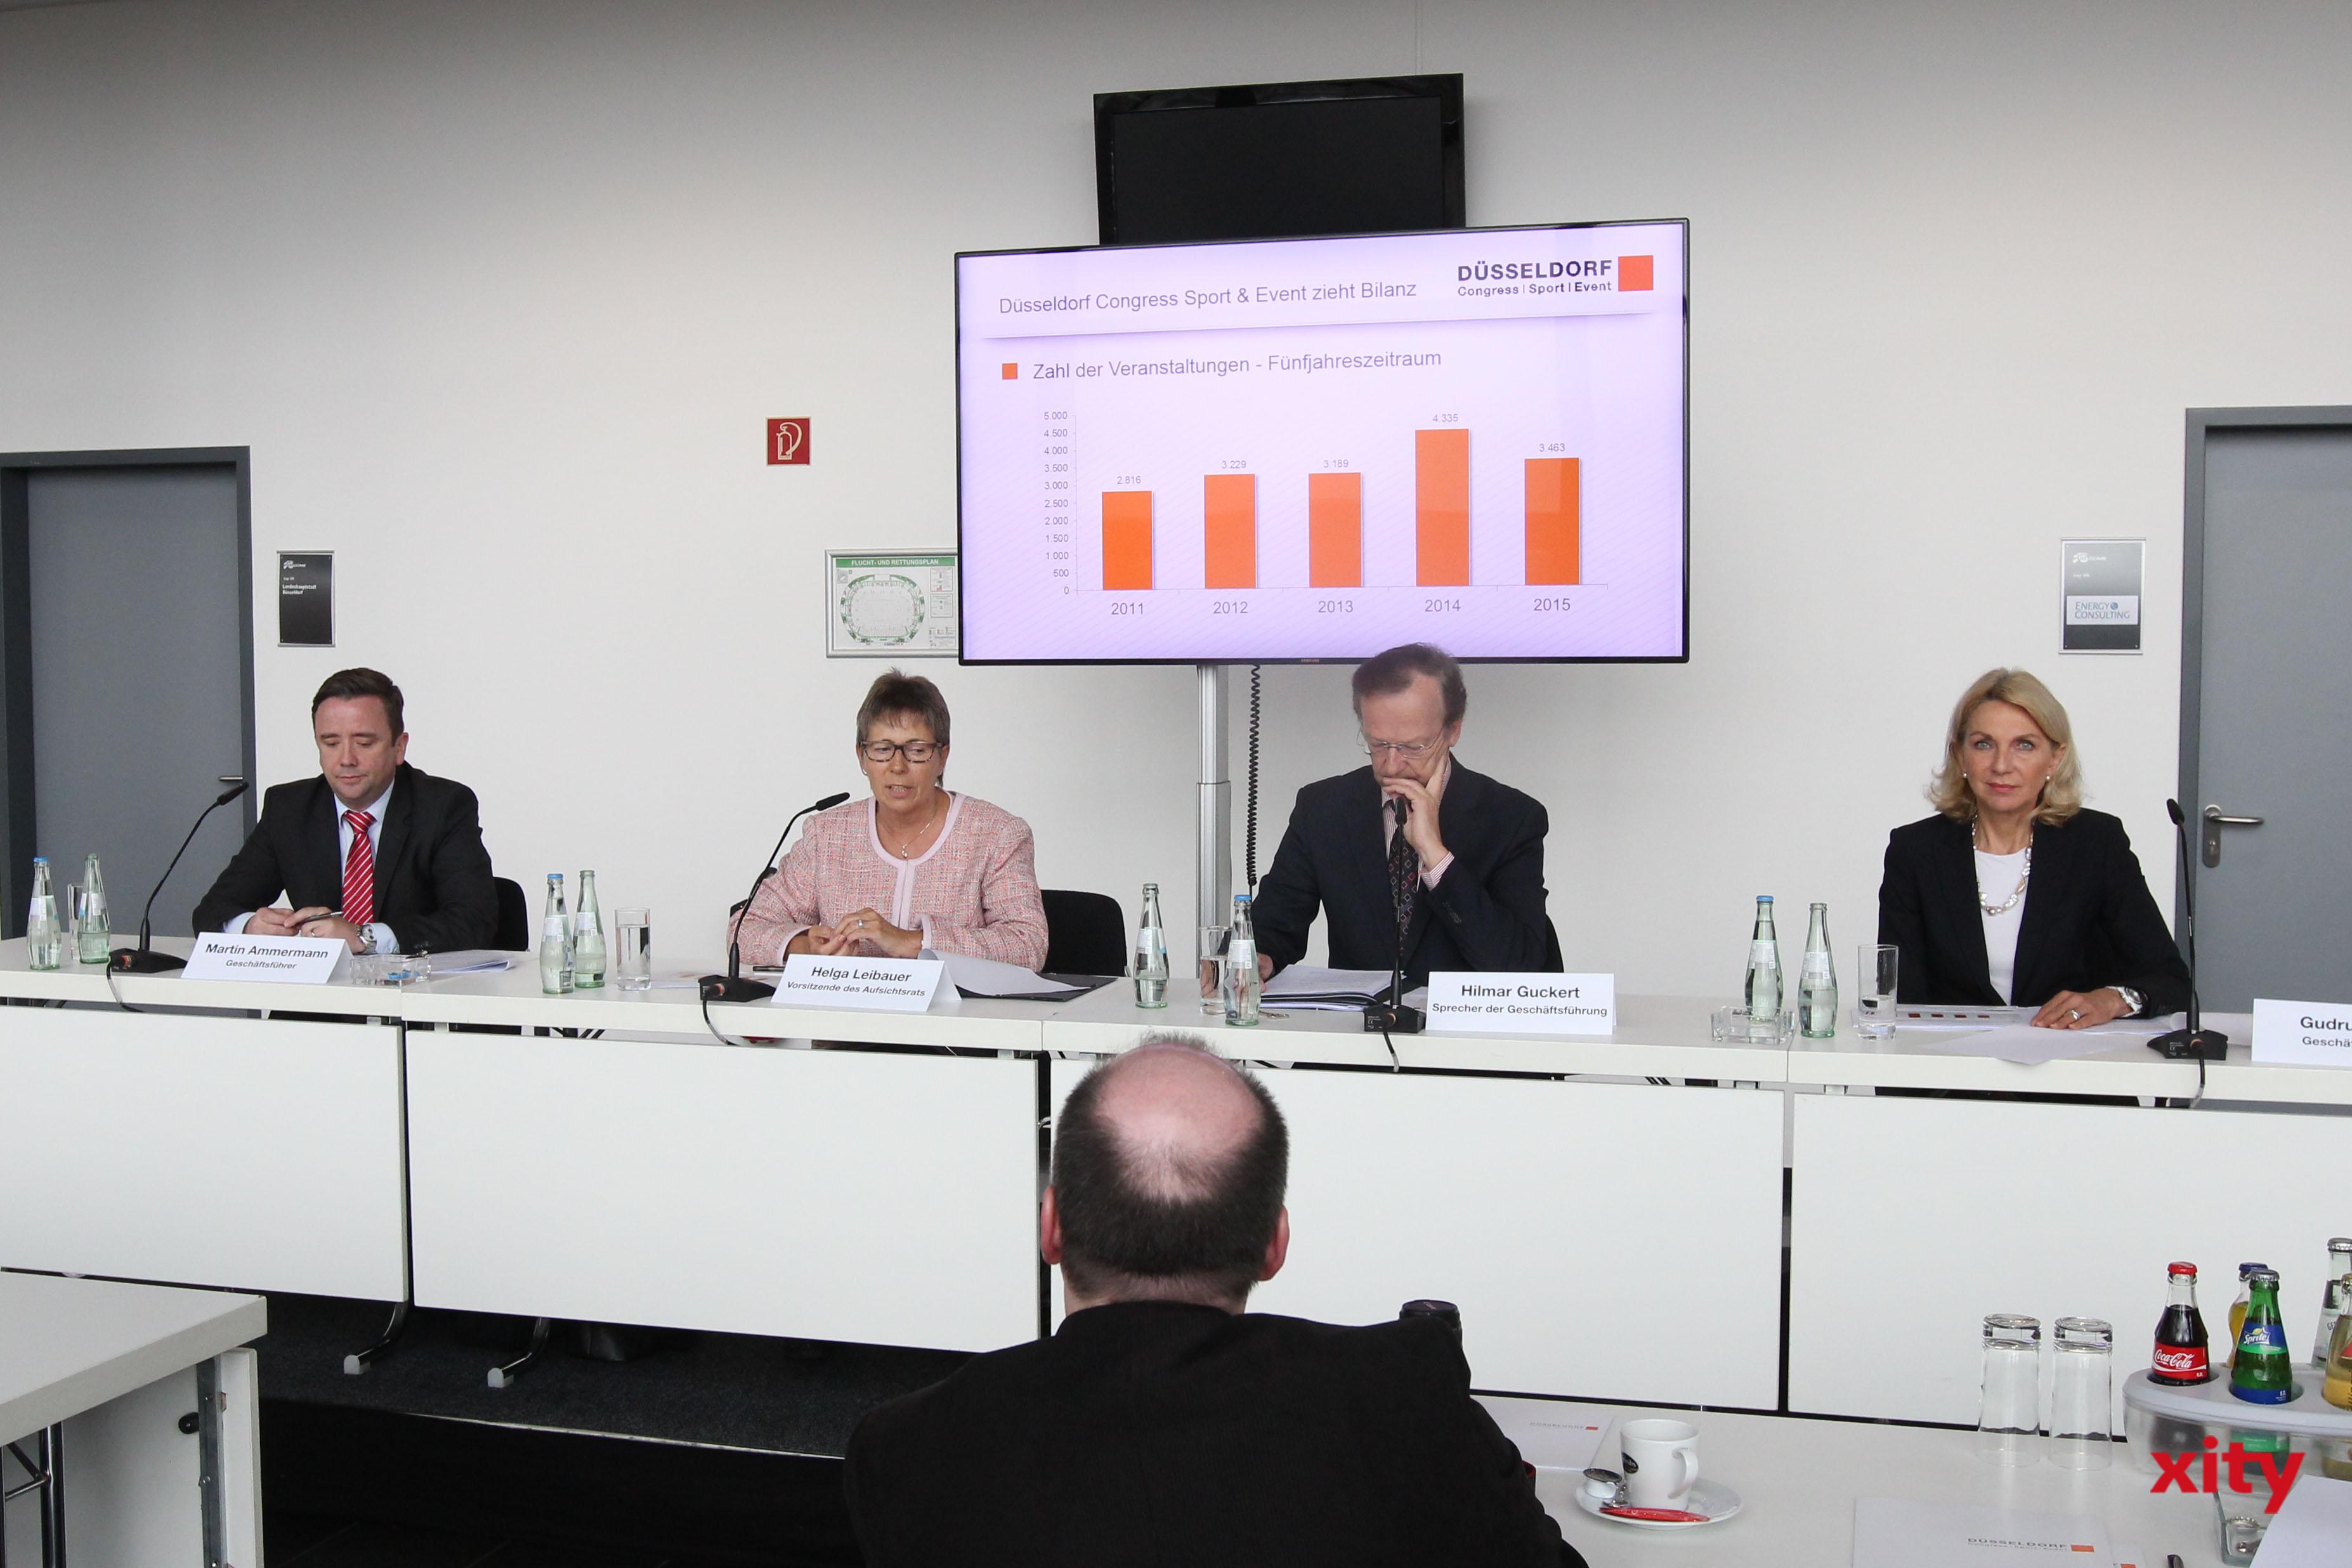 Die Geschäftsführung der Düsseldorf Congress, Sport und Event GmbH gab eine Bilanz zum Jahr 2015 (Foto: xity)